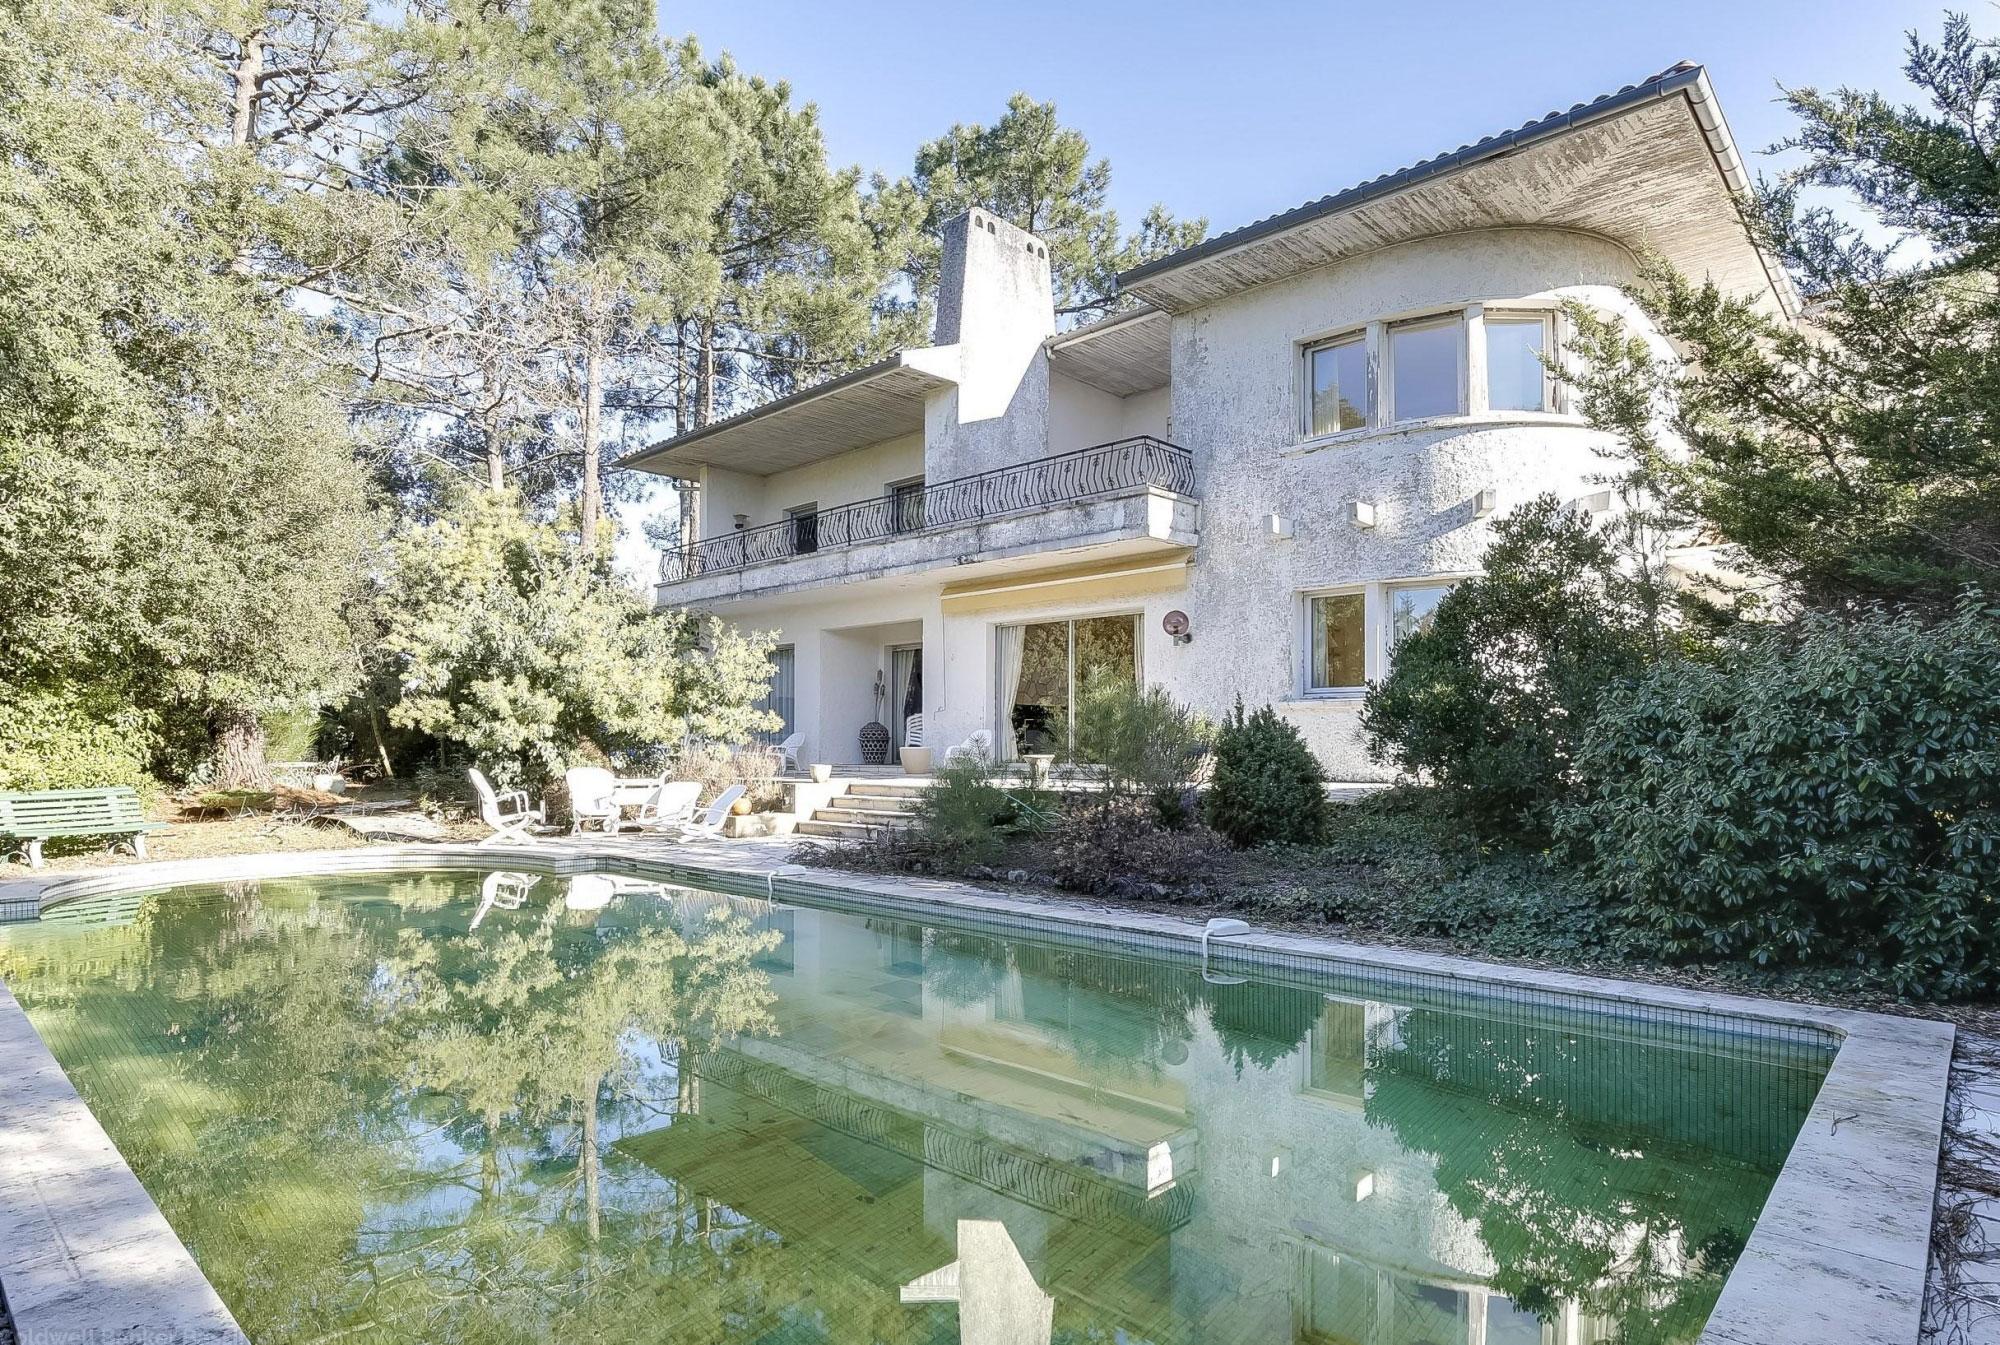 Vente villa de luxe t4 avec piscine et vue panoramique for Vente accessoire bassin